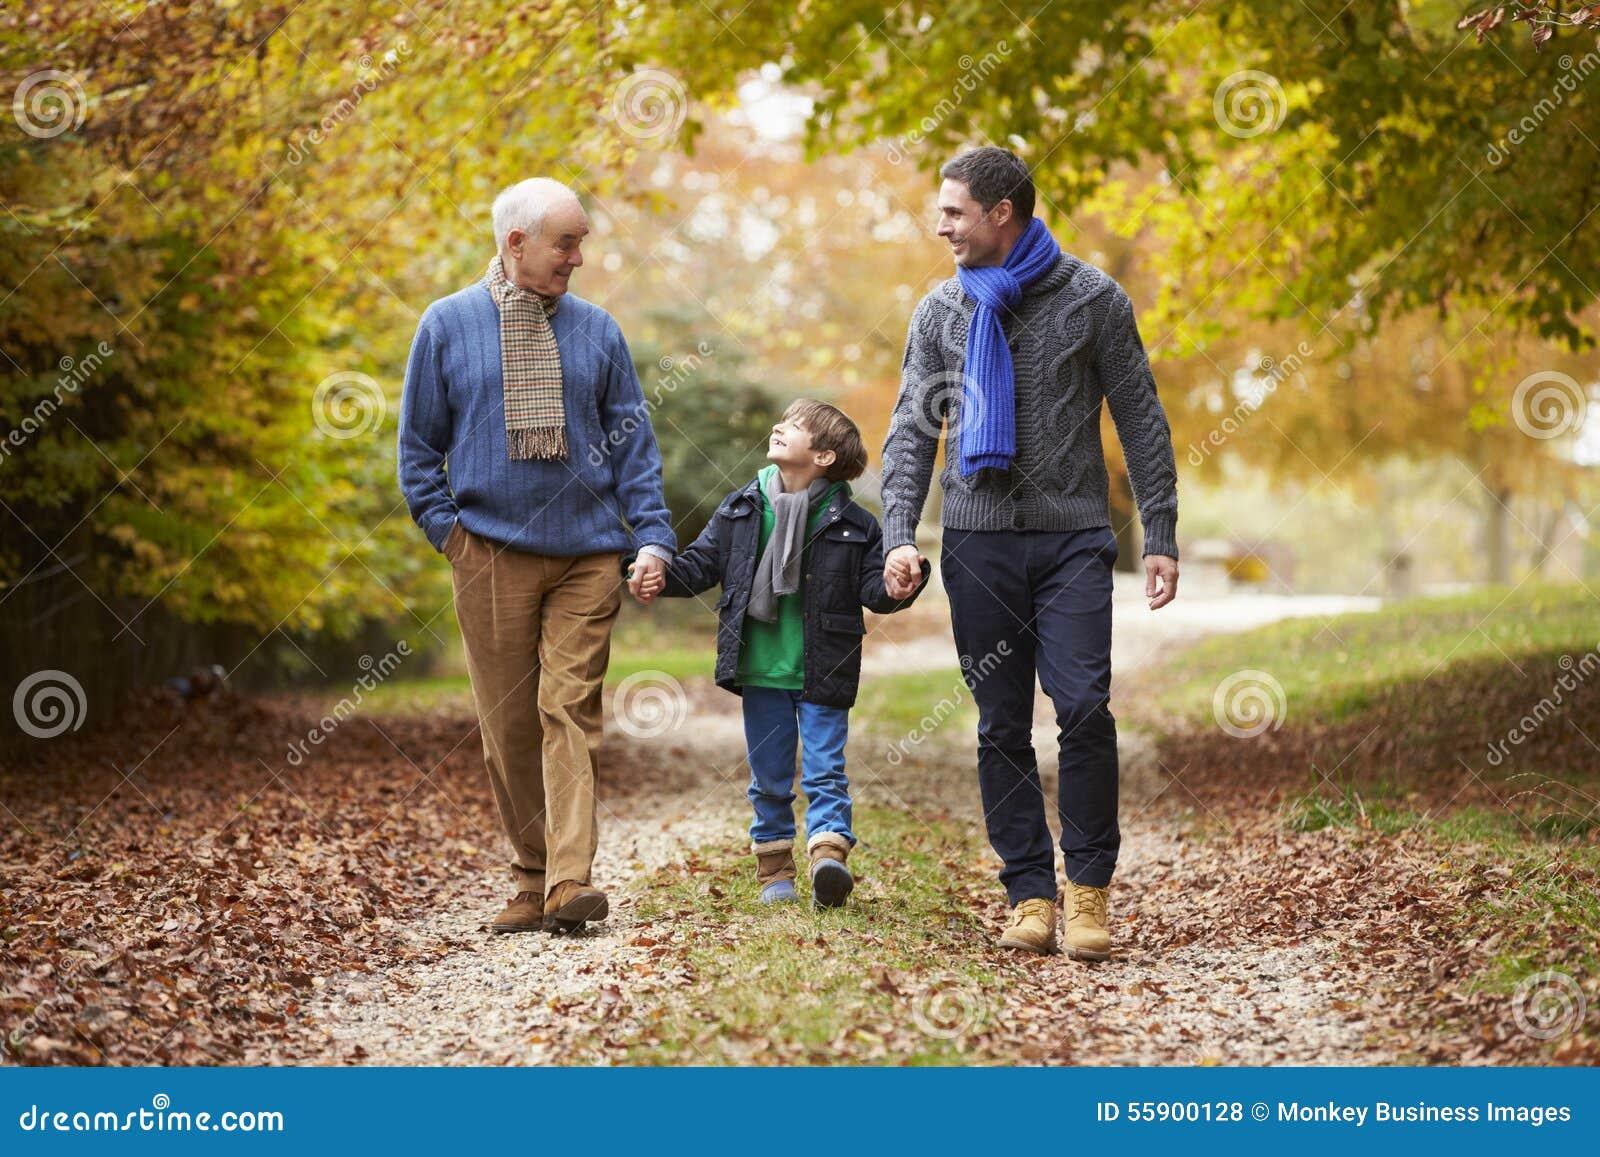 Manlig Multl utvecklingsfamilj som promenerar Autumn Path